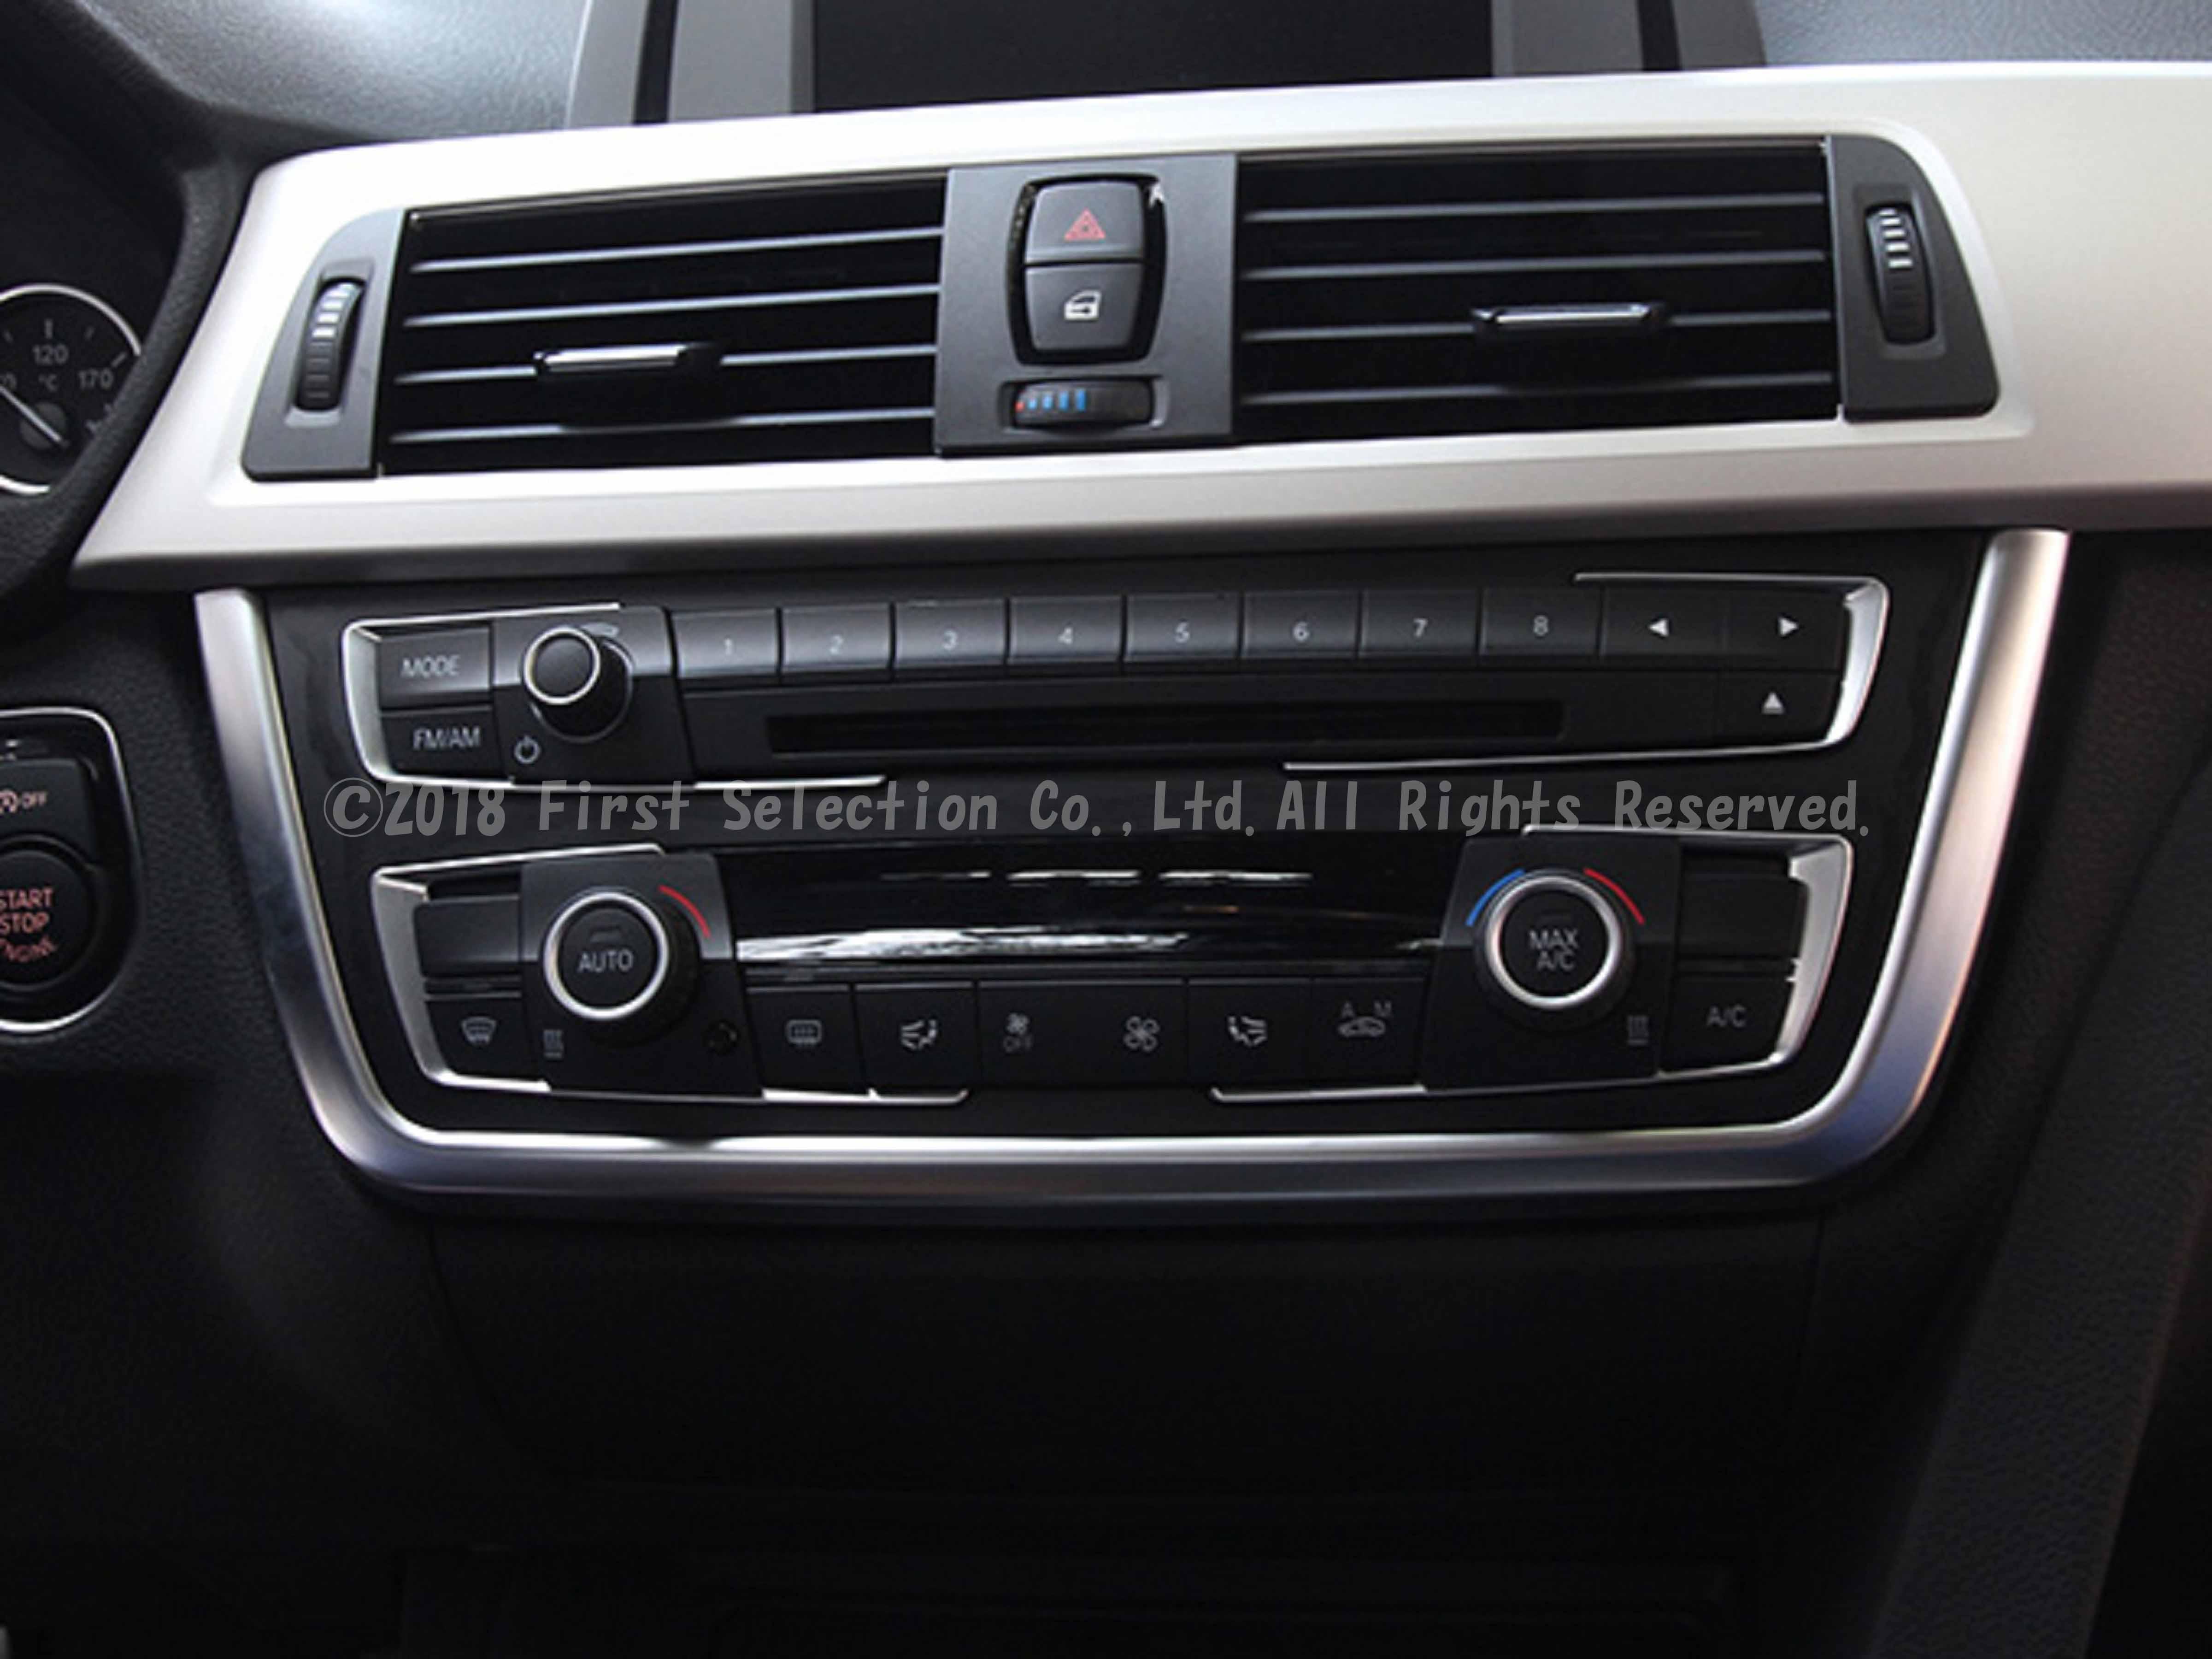 BMW車 F系3シリーズ用 オーディオパネルアンダーフレーム